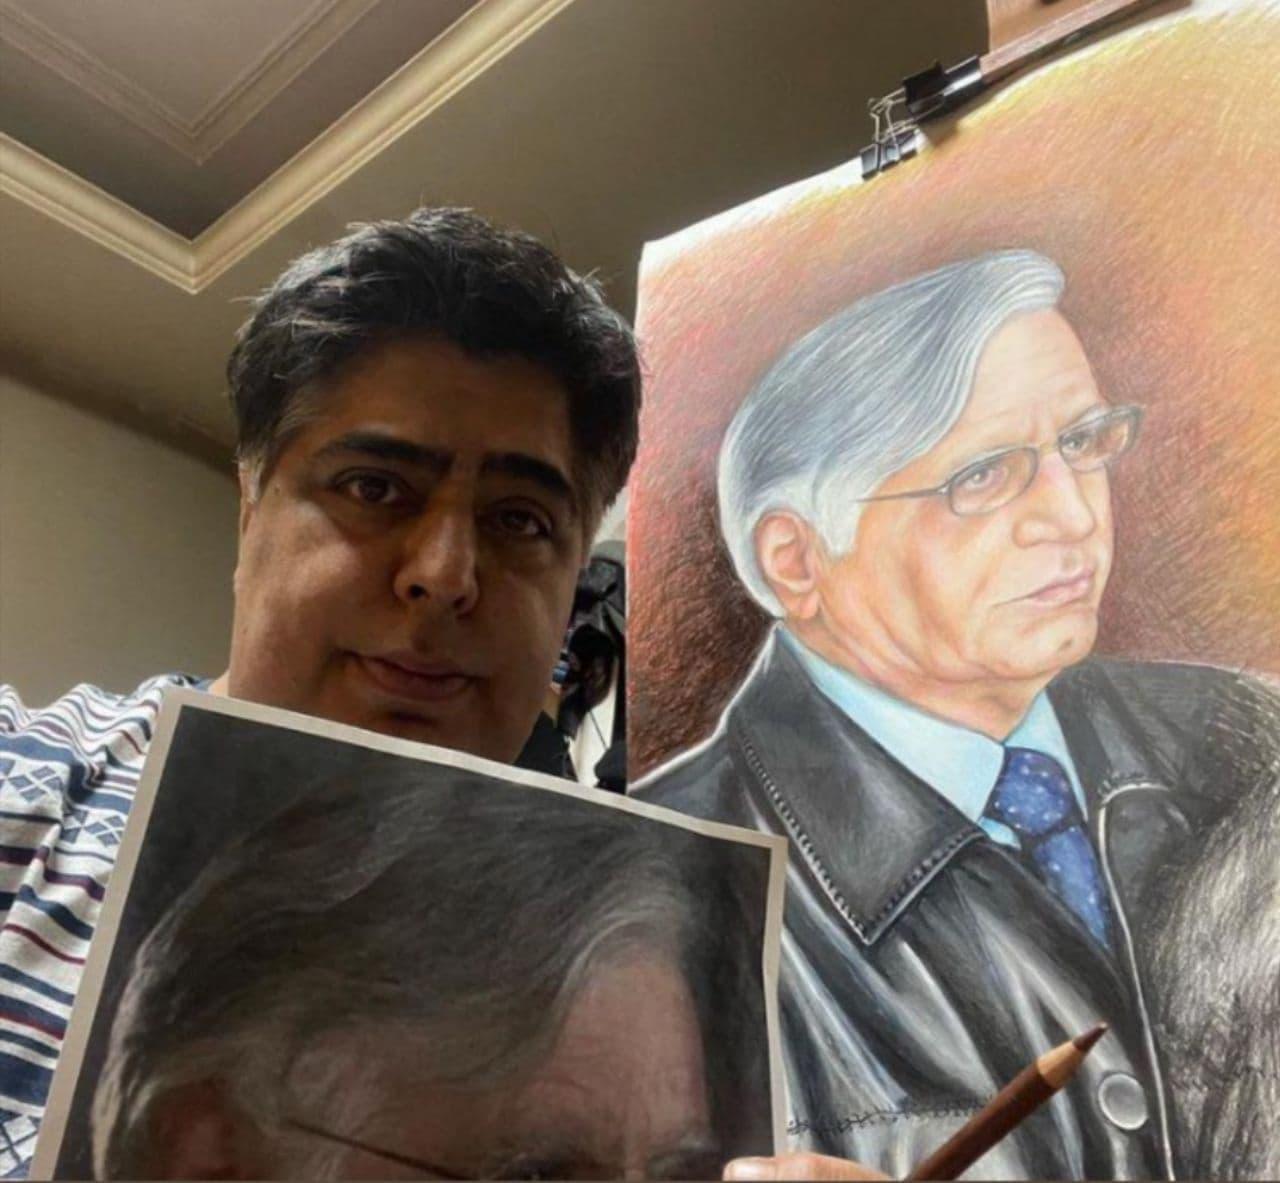 نقاشی زیبایی رضا شفیعی جم از پدرش (عکس)